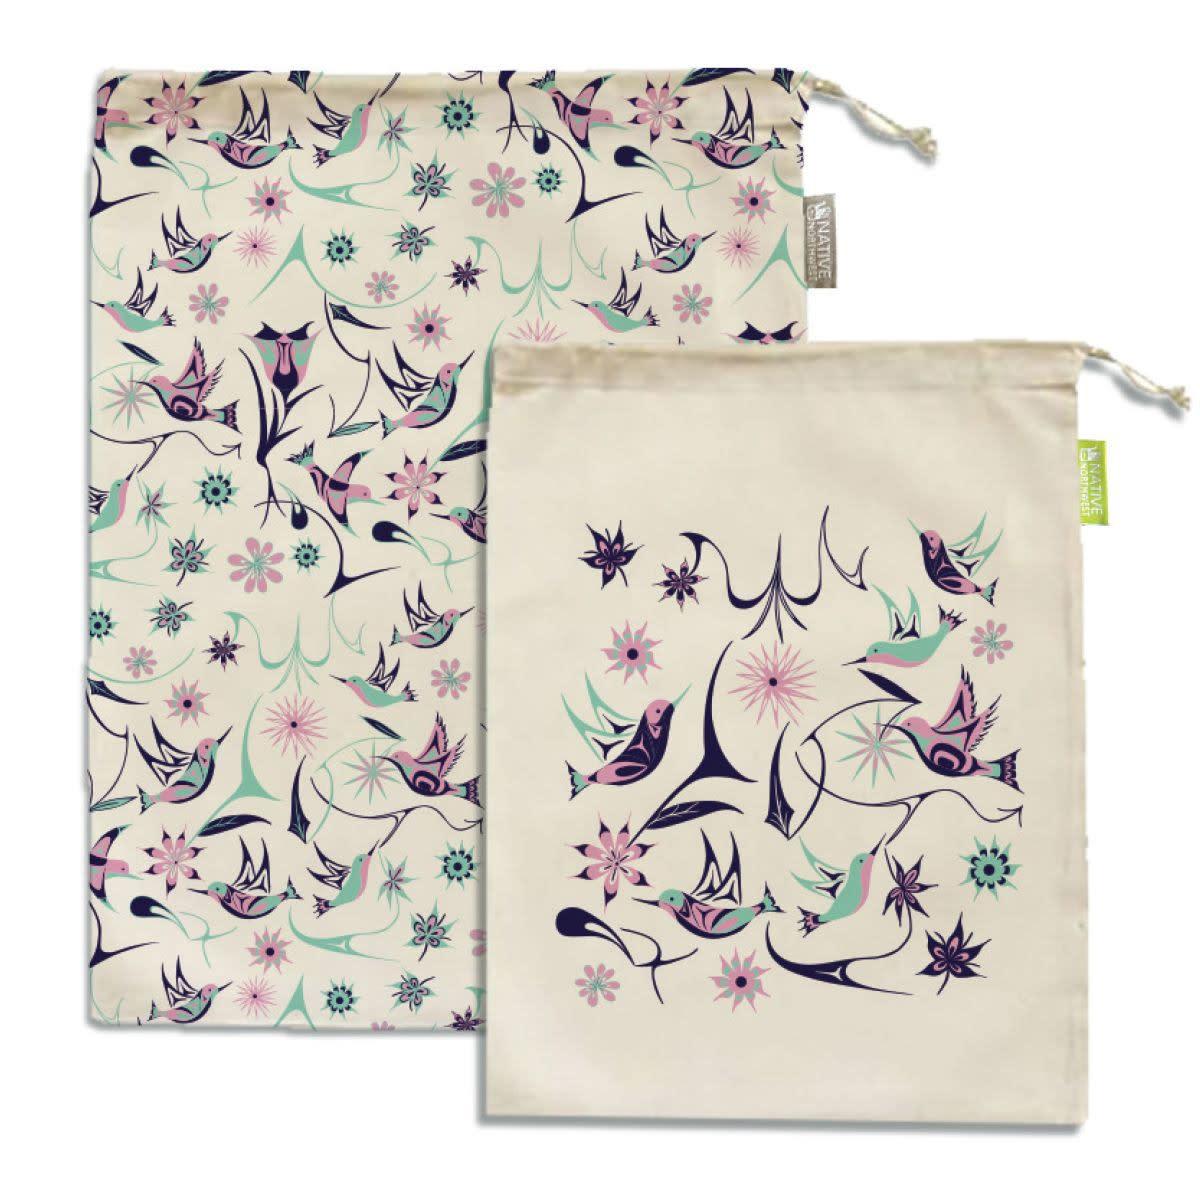 Reusable Produce Bags - Hummingbird by Nikki LaRock-2